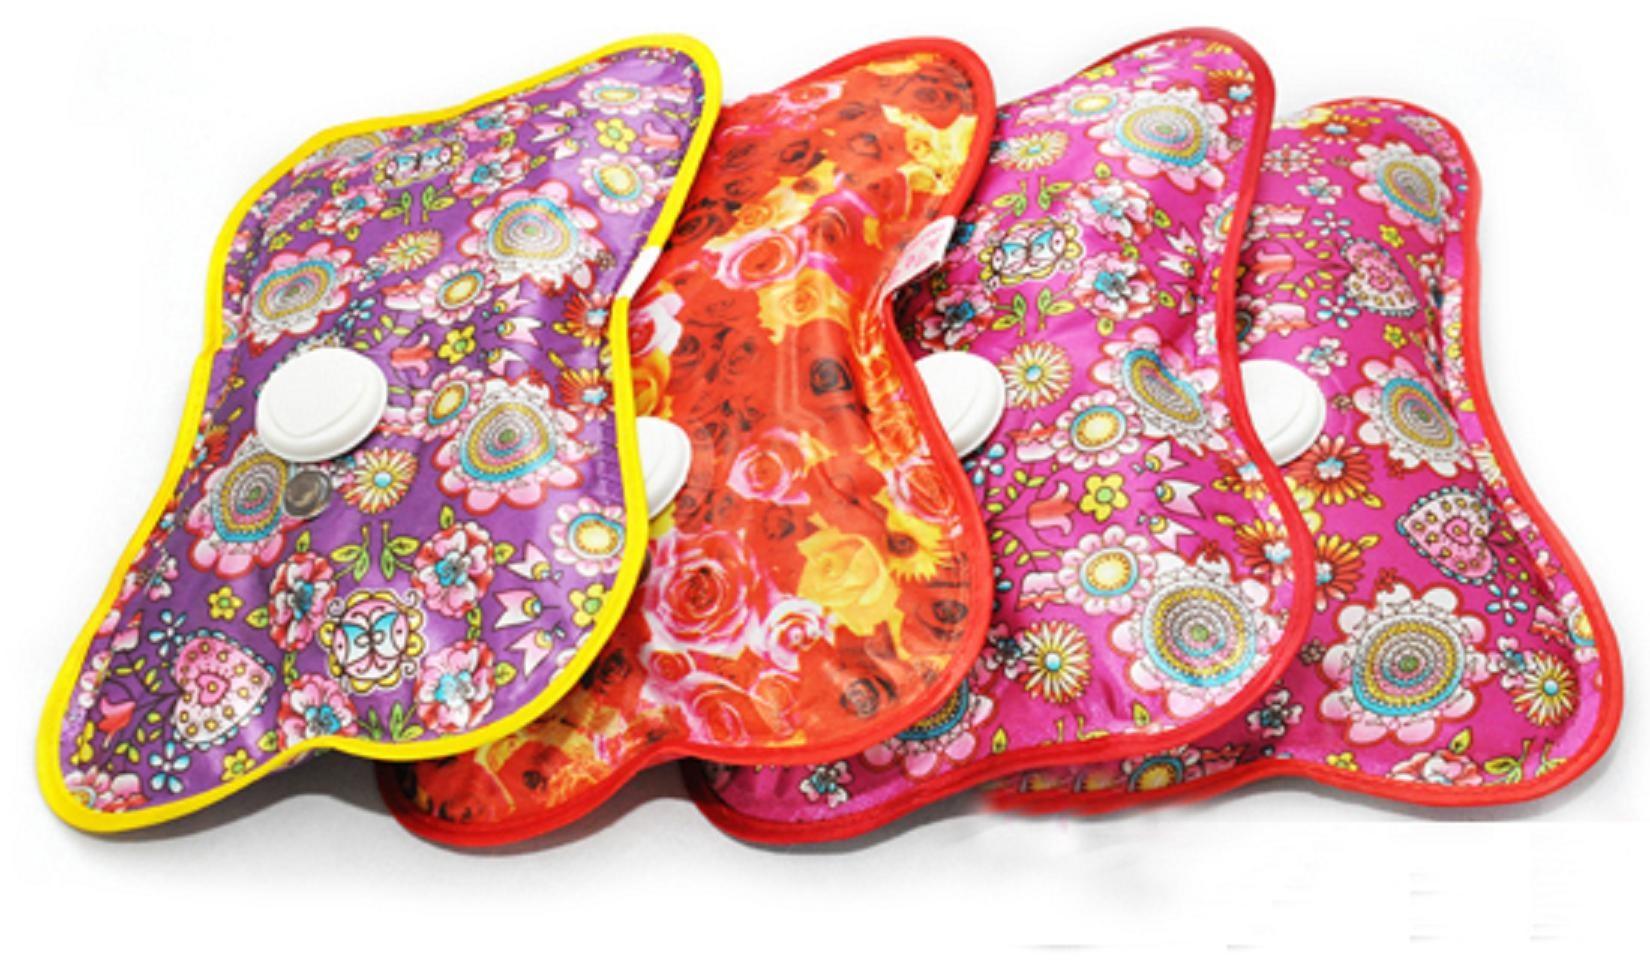 Túi sưởi đa năng hướng dương có nhiều màu sắc và nhiều kích cỡ khác nhau